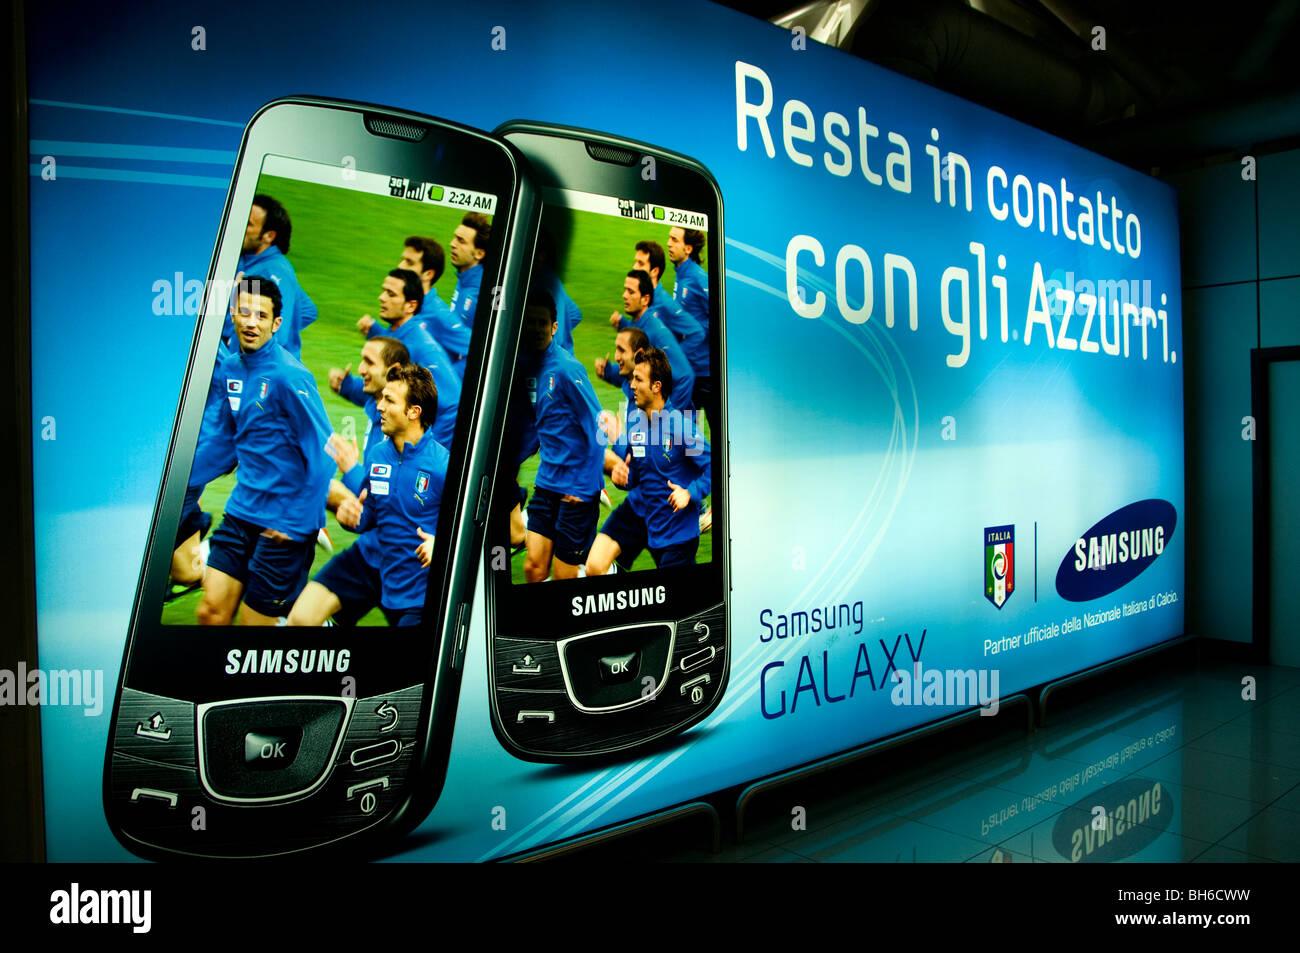 Cellulare telefono cellulare Soccer Football Samsung Aereoporto Roma Italia telefono Immagini Stock